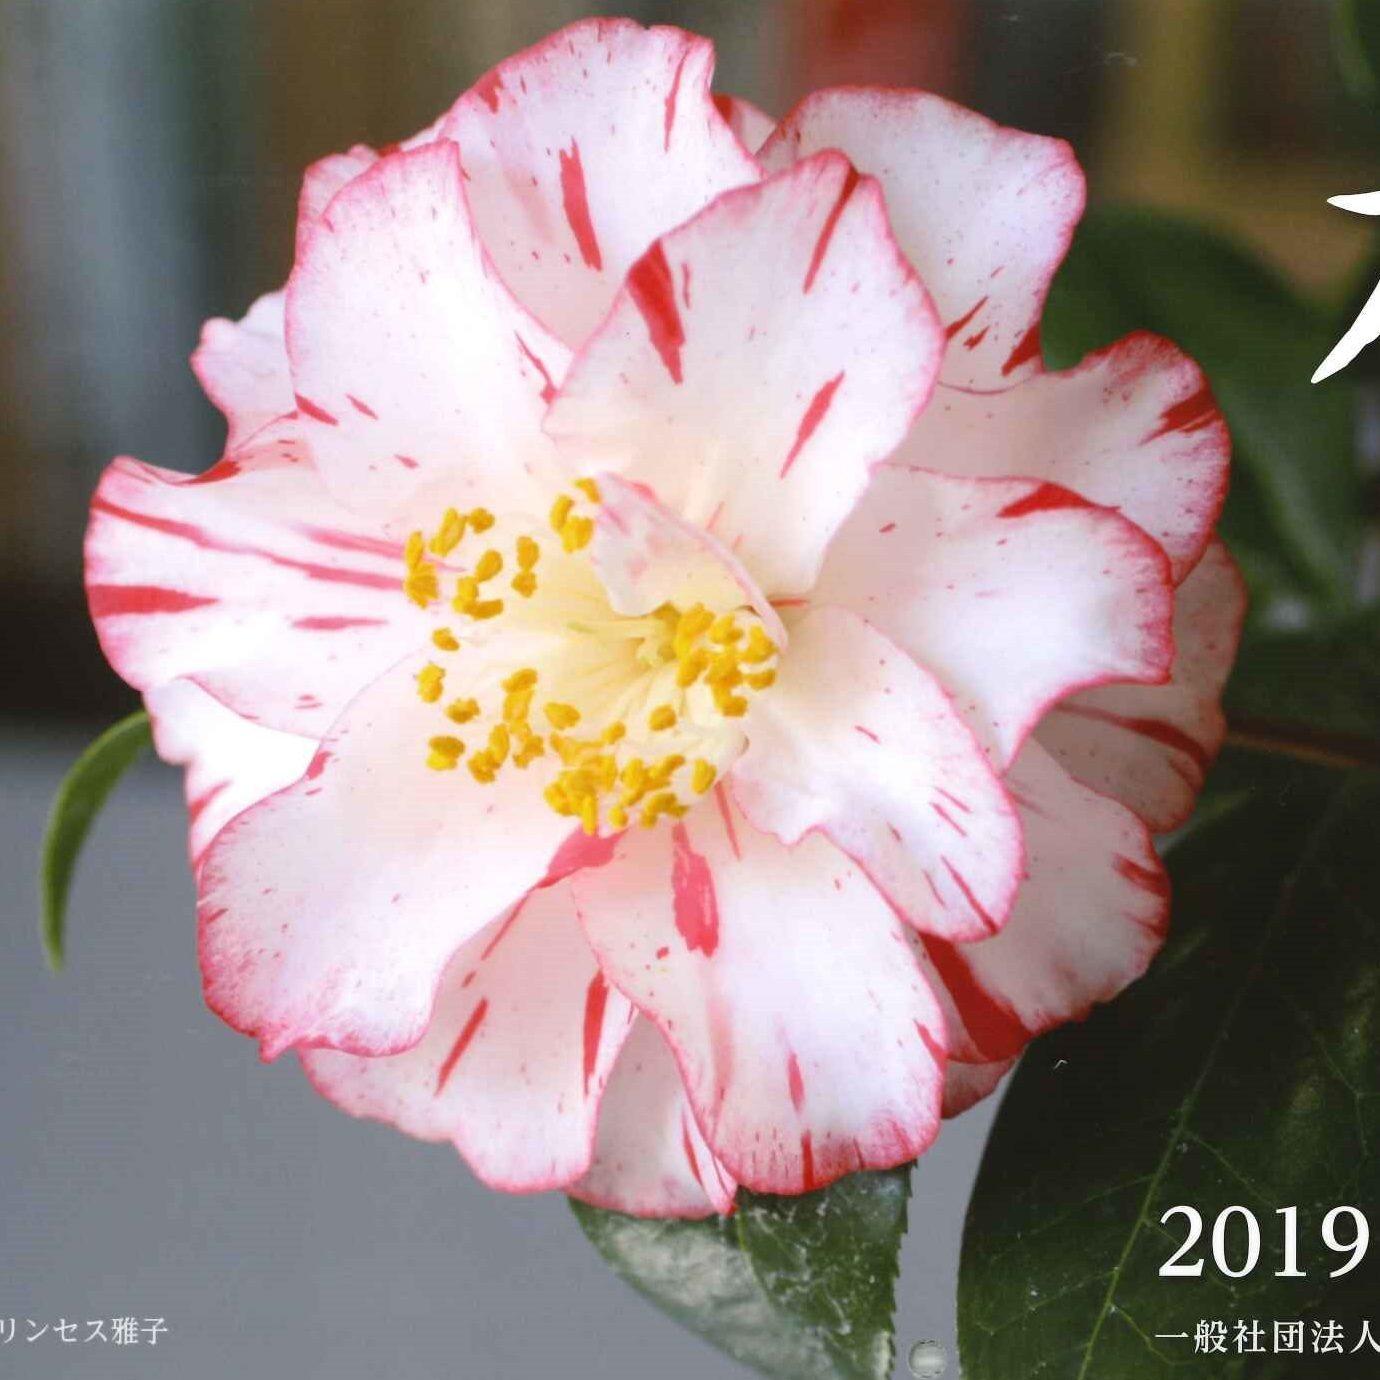 椿カレンダー2019表紙正方形